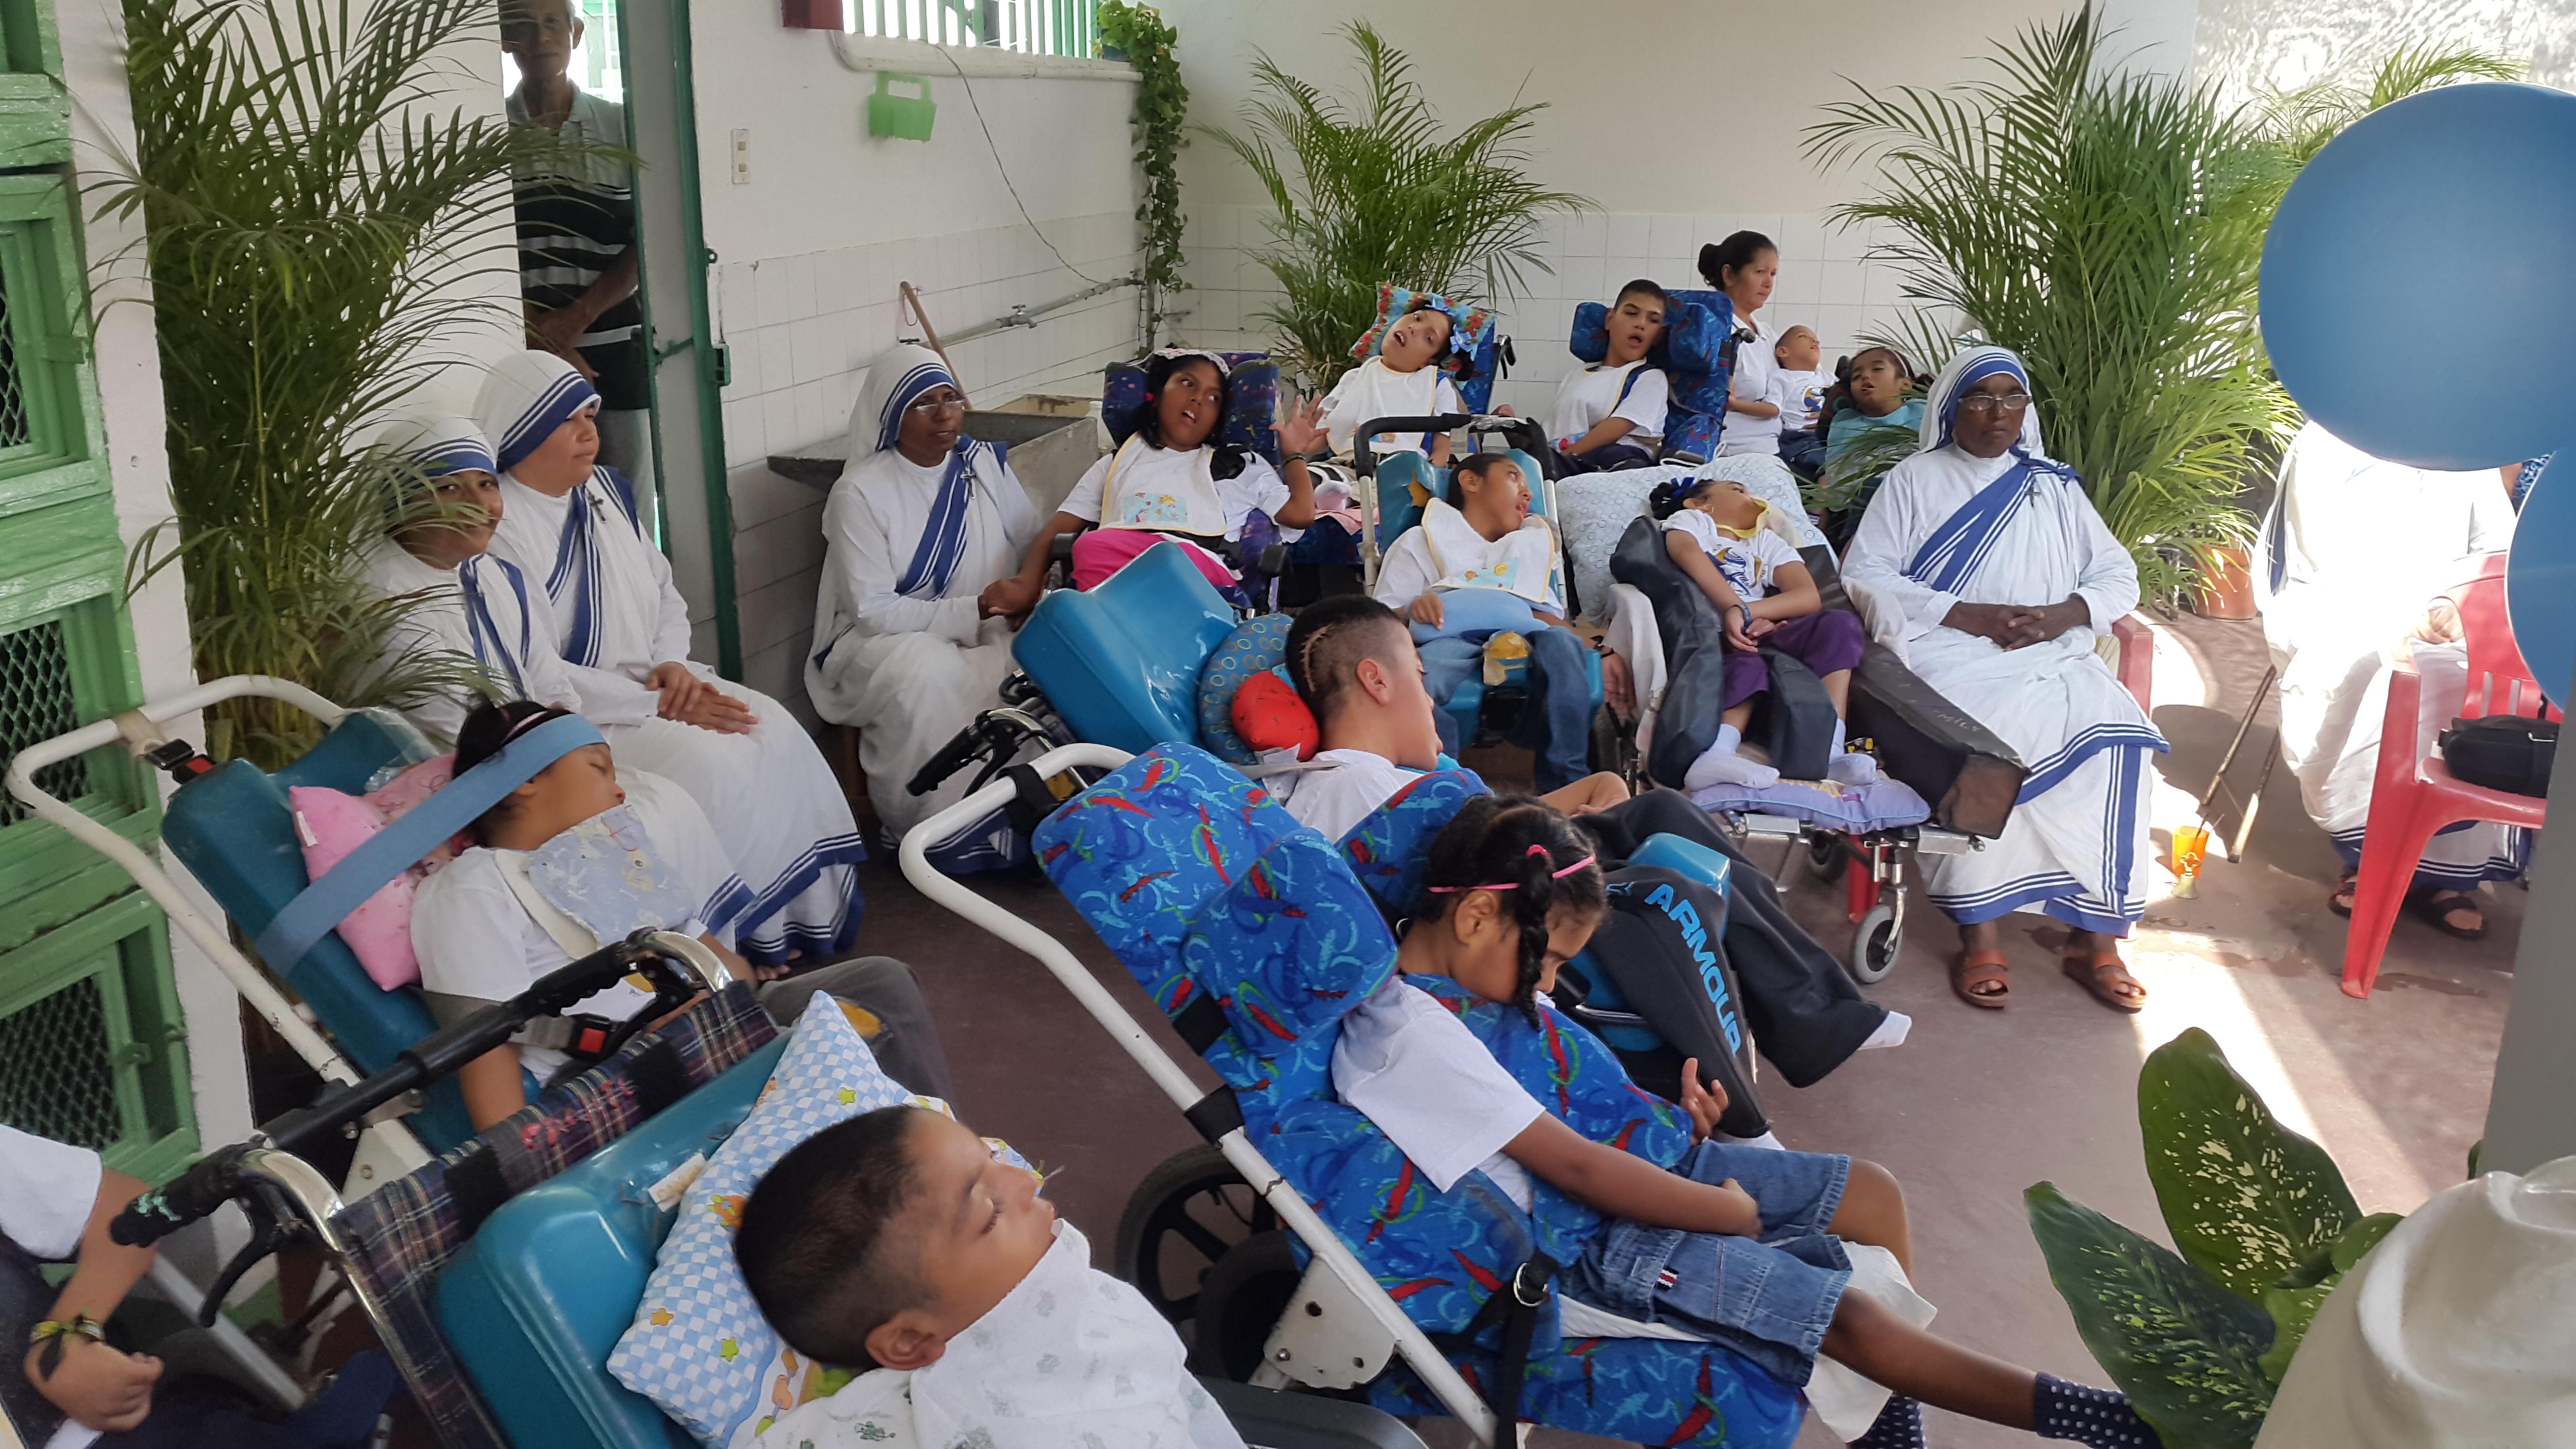 Proyecto de mes: Sustento para religiosas y diáconos venezolanos